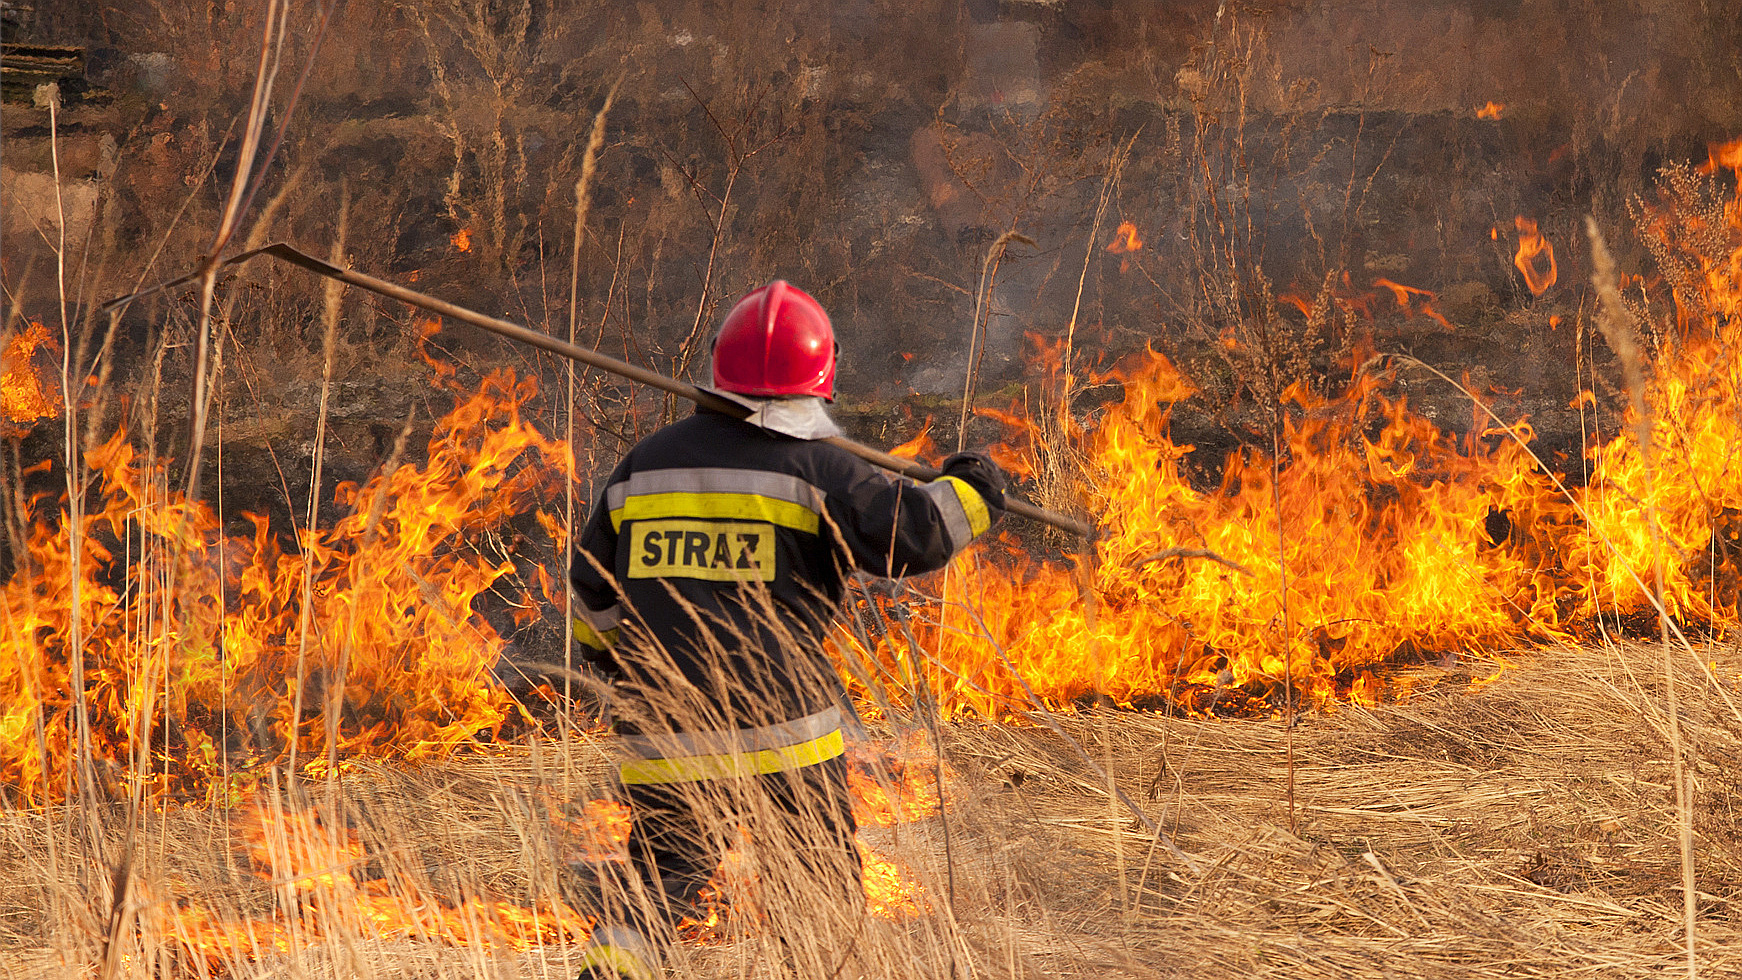 Pożary traw. Ogień rozprzestrzenia się bardzo gwałtownie. Żywioł niesie śmierć   - Zdjęcie główne